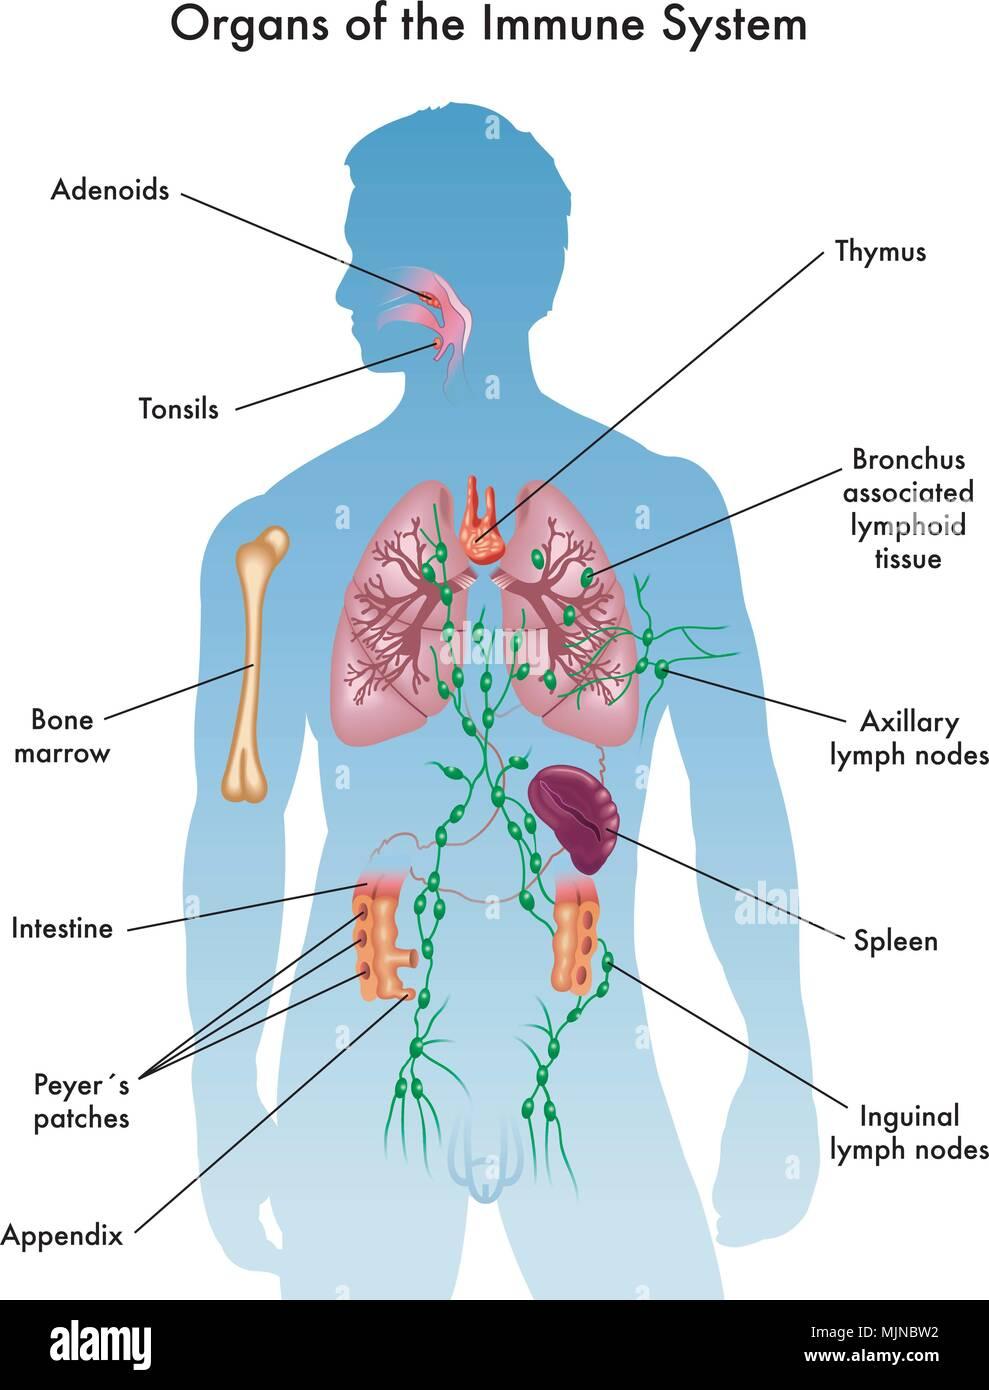 Vektor medizinischen Abbildung von Organen des Immunsystems Vektor ...